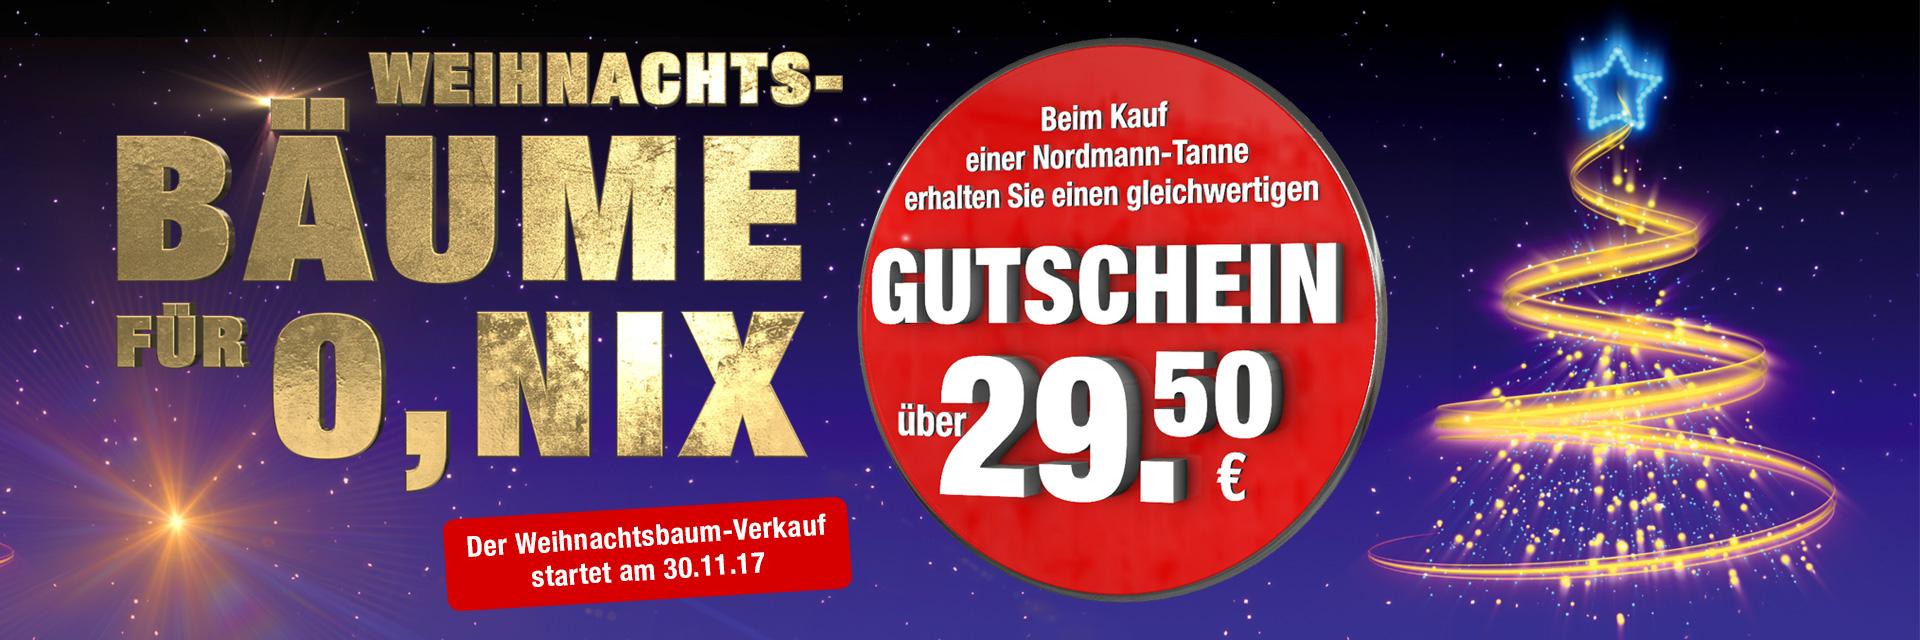 [LOKAL Osterholz-Scharmbeck]: Möbelhaus Meyerhoff Nordmanntanne f. 29,50 EUR, Volle Rückvergütung in Form vom Gutschein